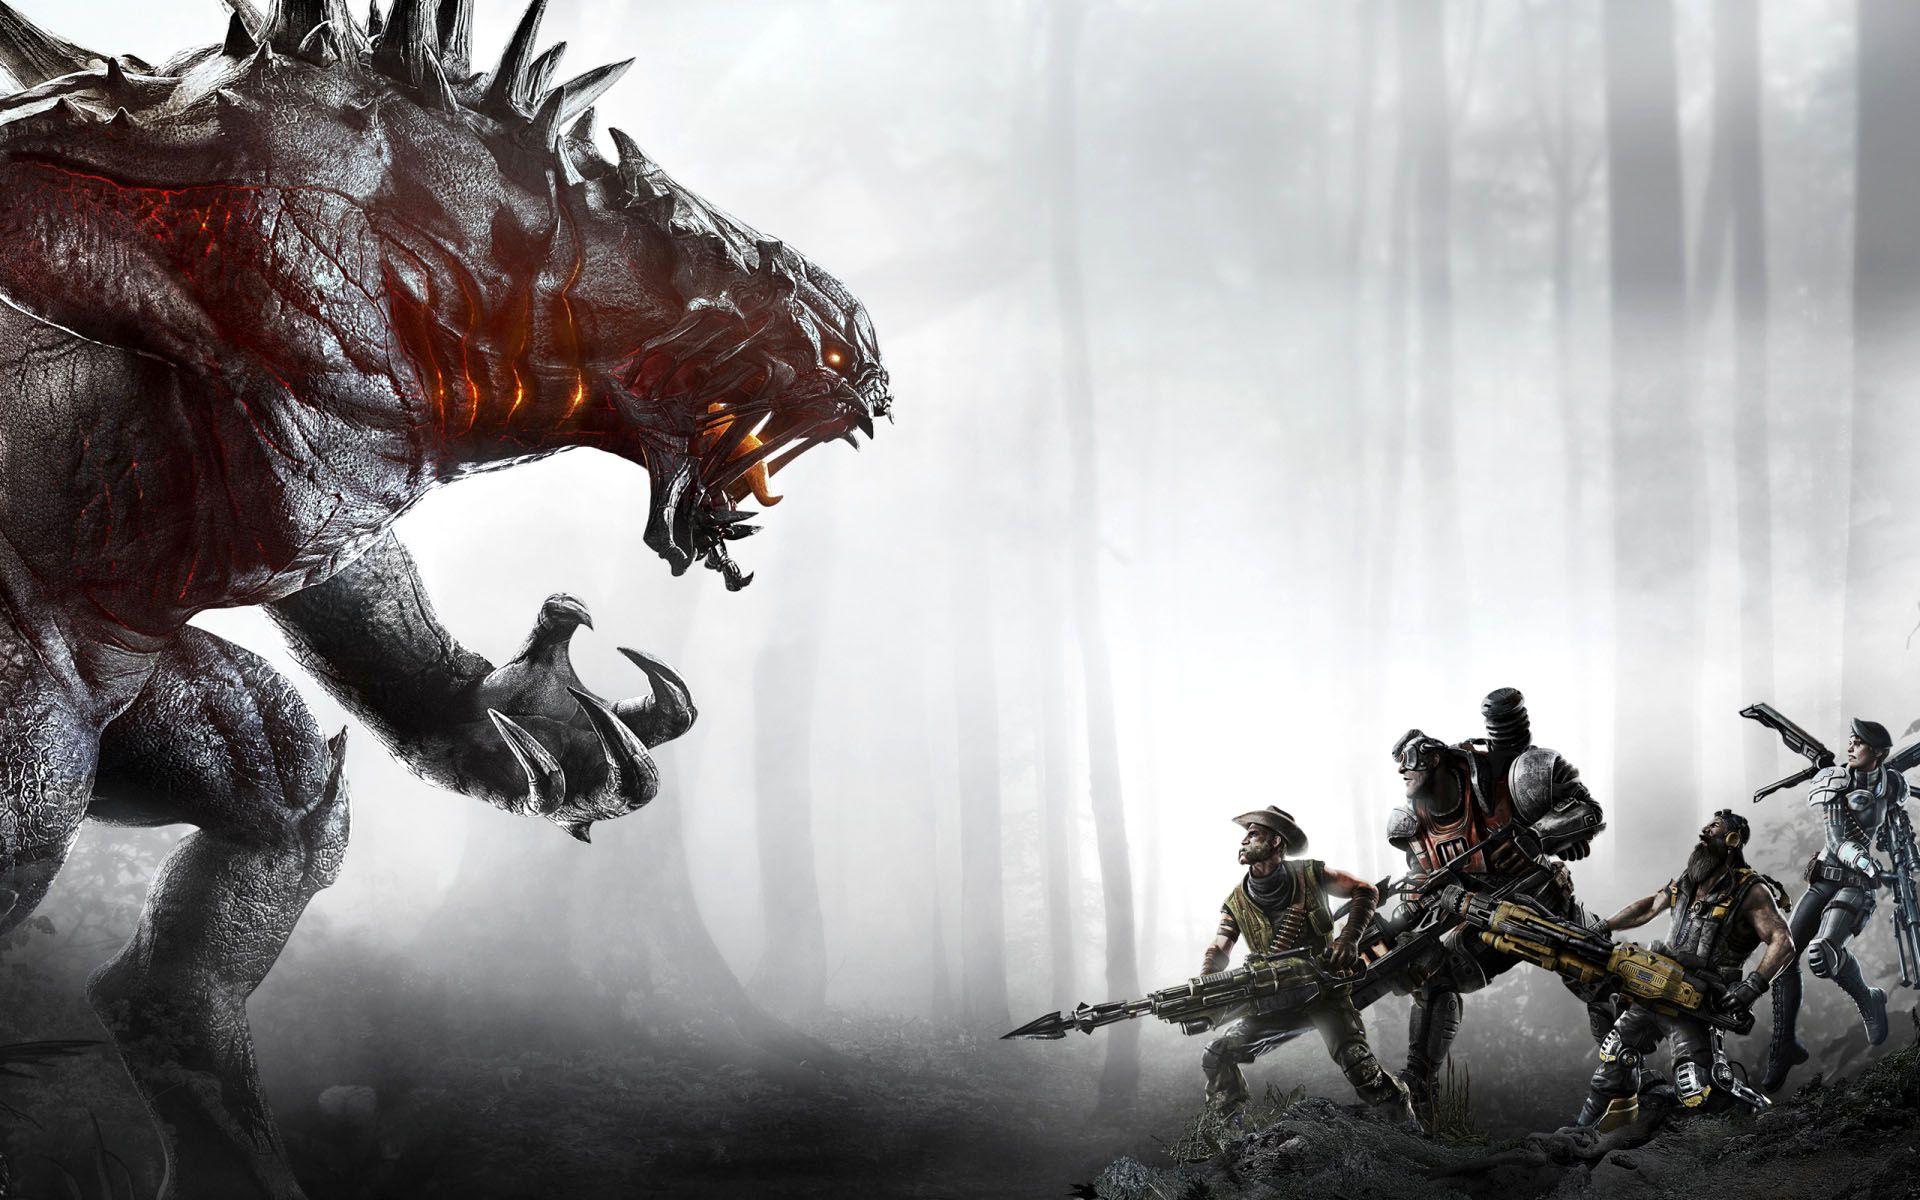 Evolve Hunter Vs Monster Game Wallpaper Evolve Monster Monster